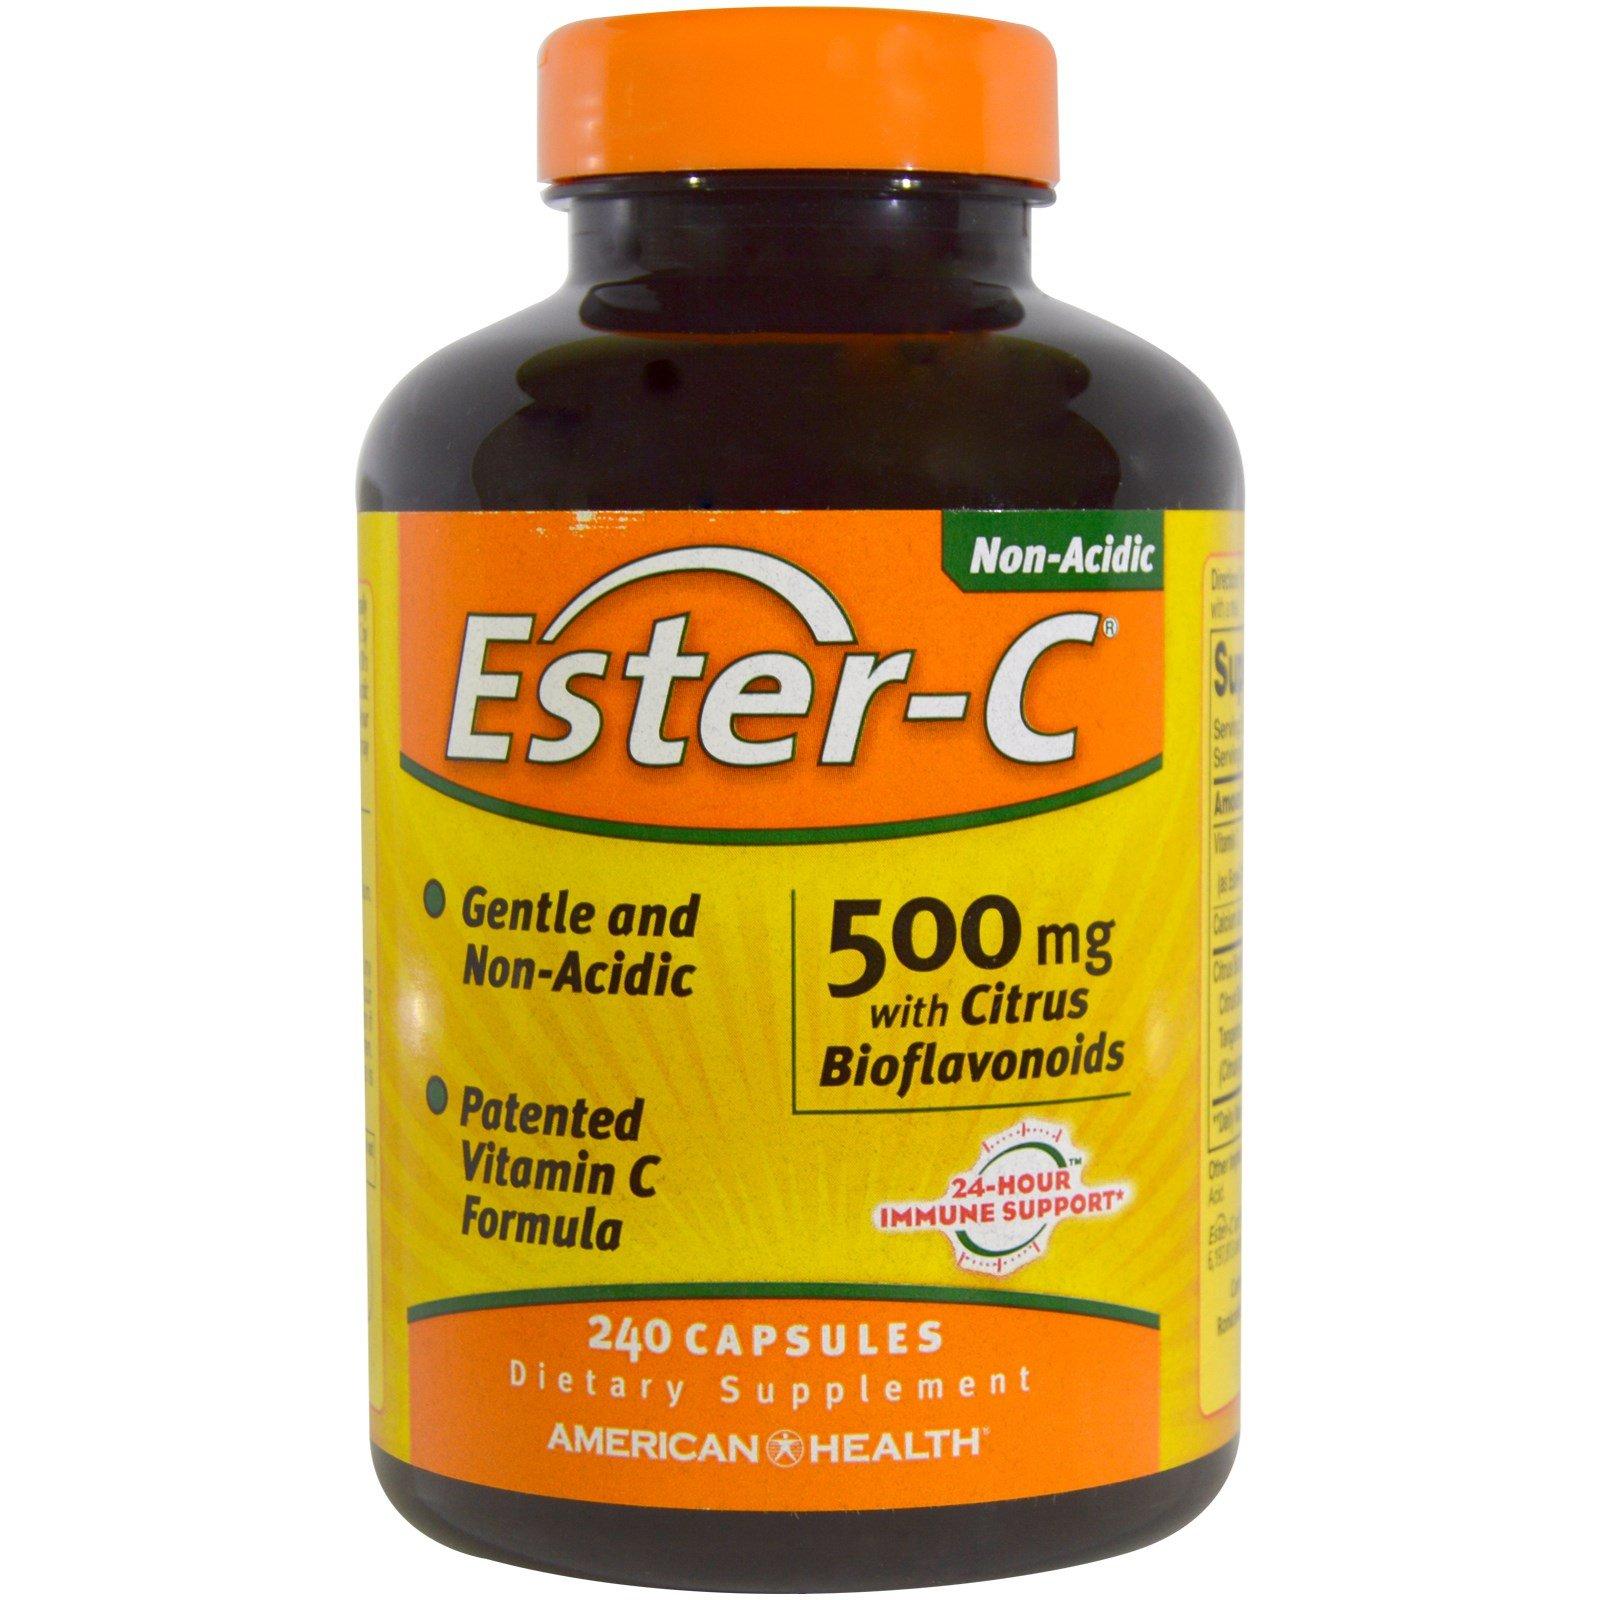 American Health, Ester-C, 500 mg with Citrus Bioflavonoids, 240 Capsules - 3PC